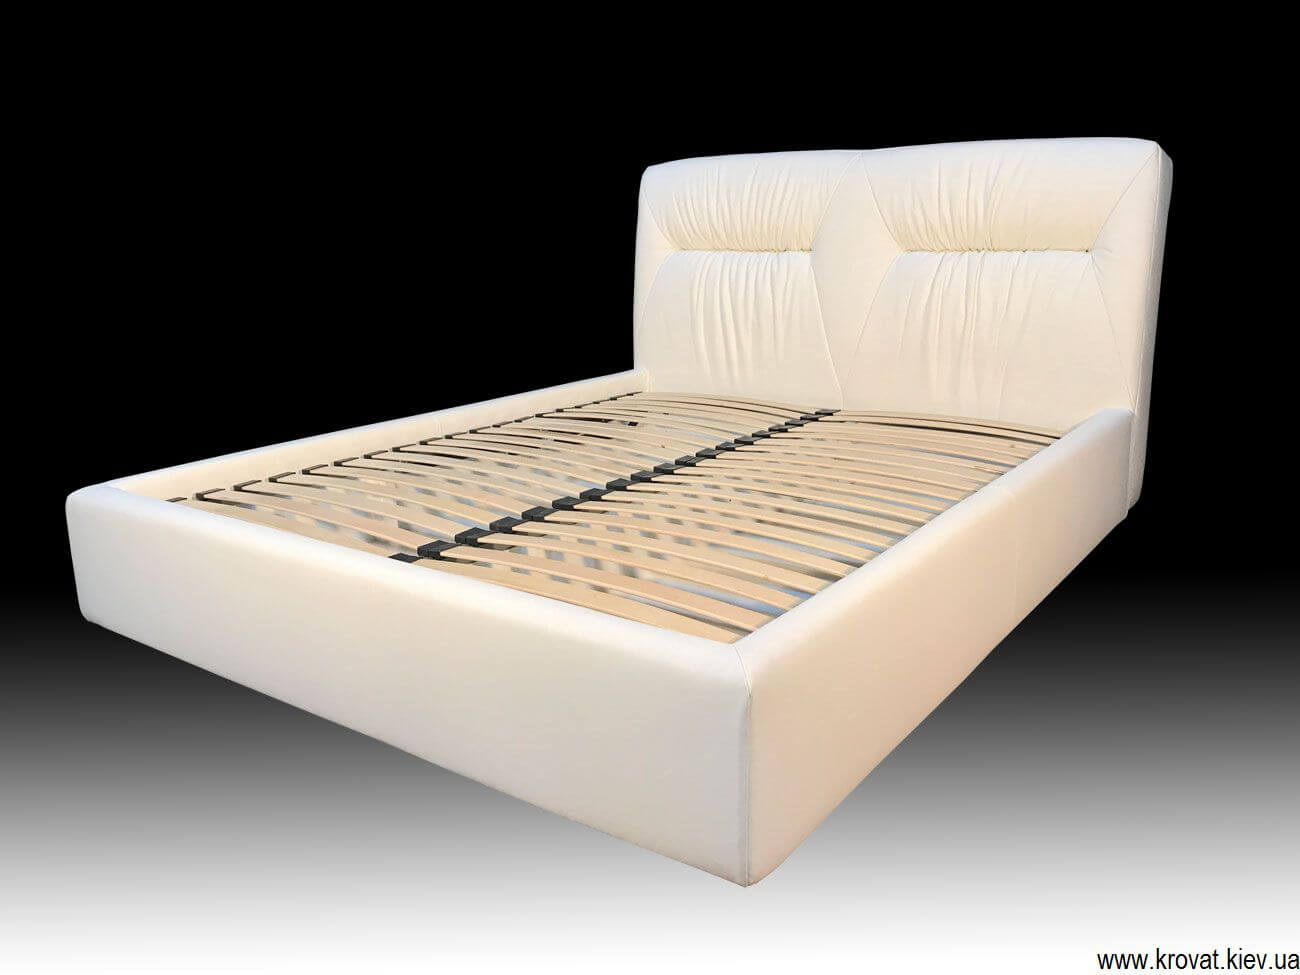 Ліжко Марсель в натуральній білій шкірі на замовлення